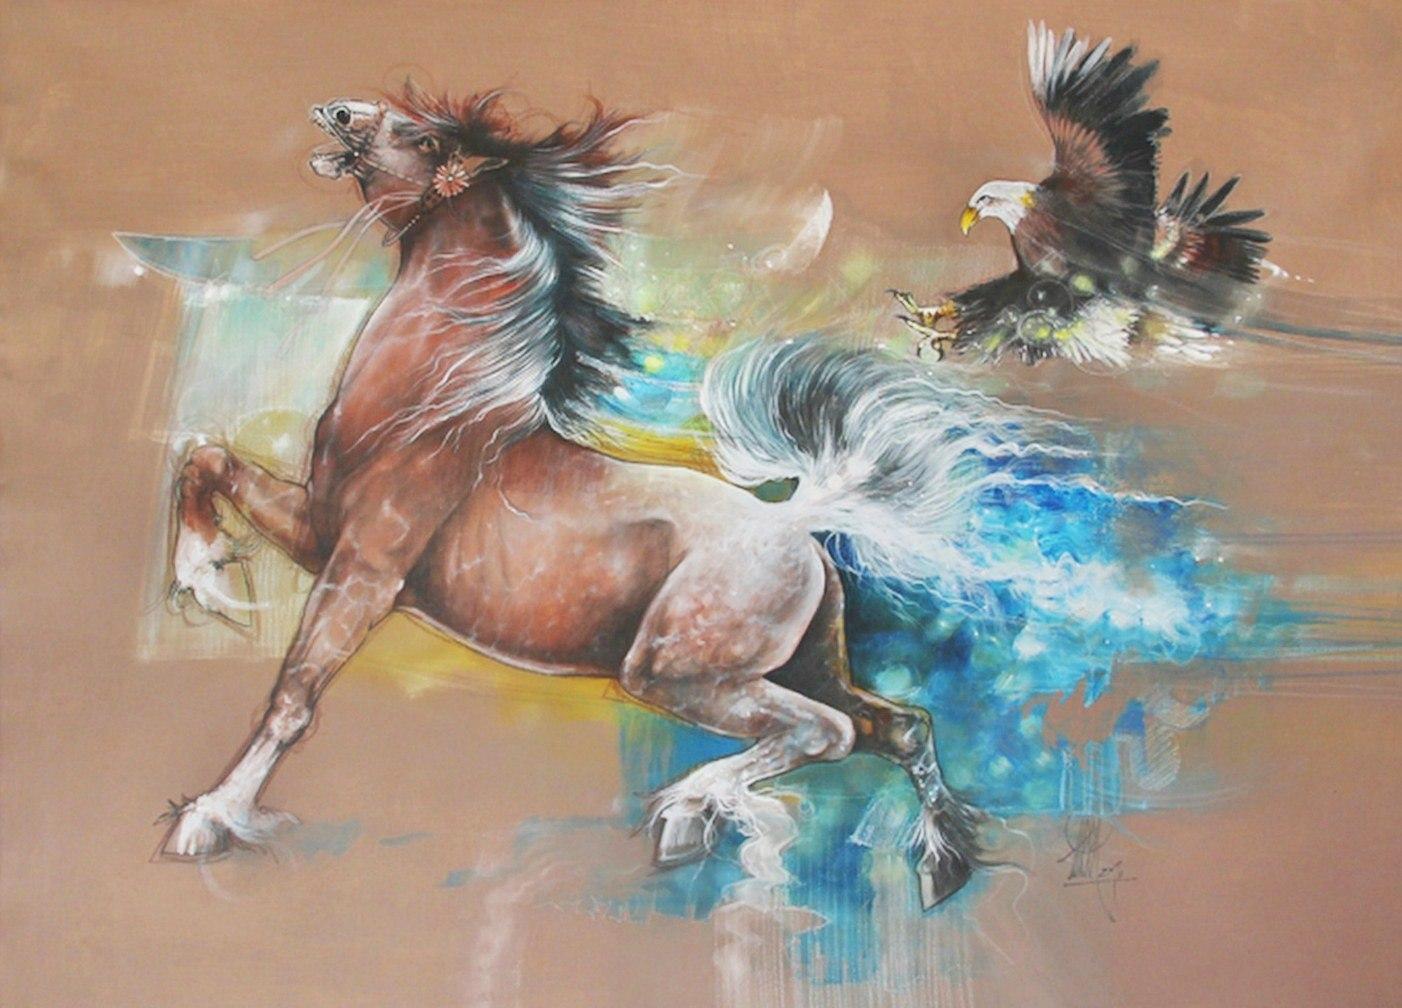 Pinturas cuadros lienzos caballos en pintura moderna - Fotos decorativas ...